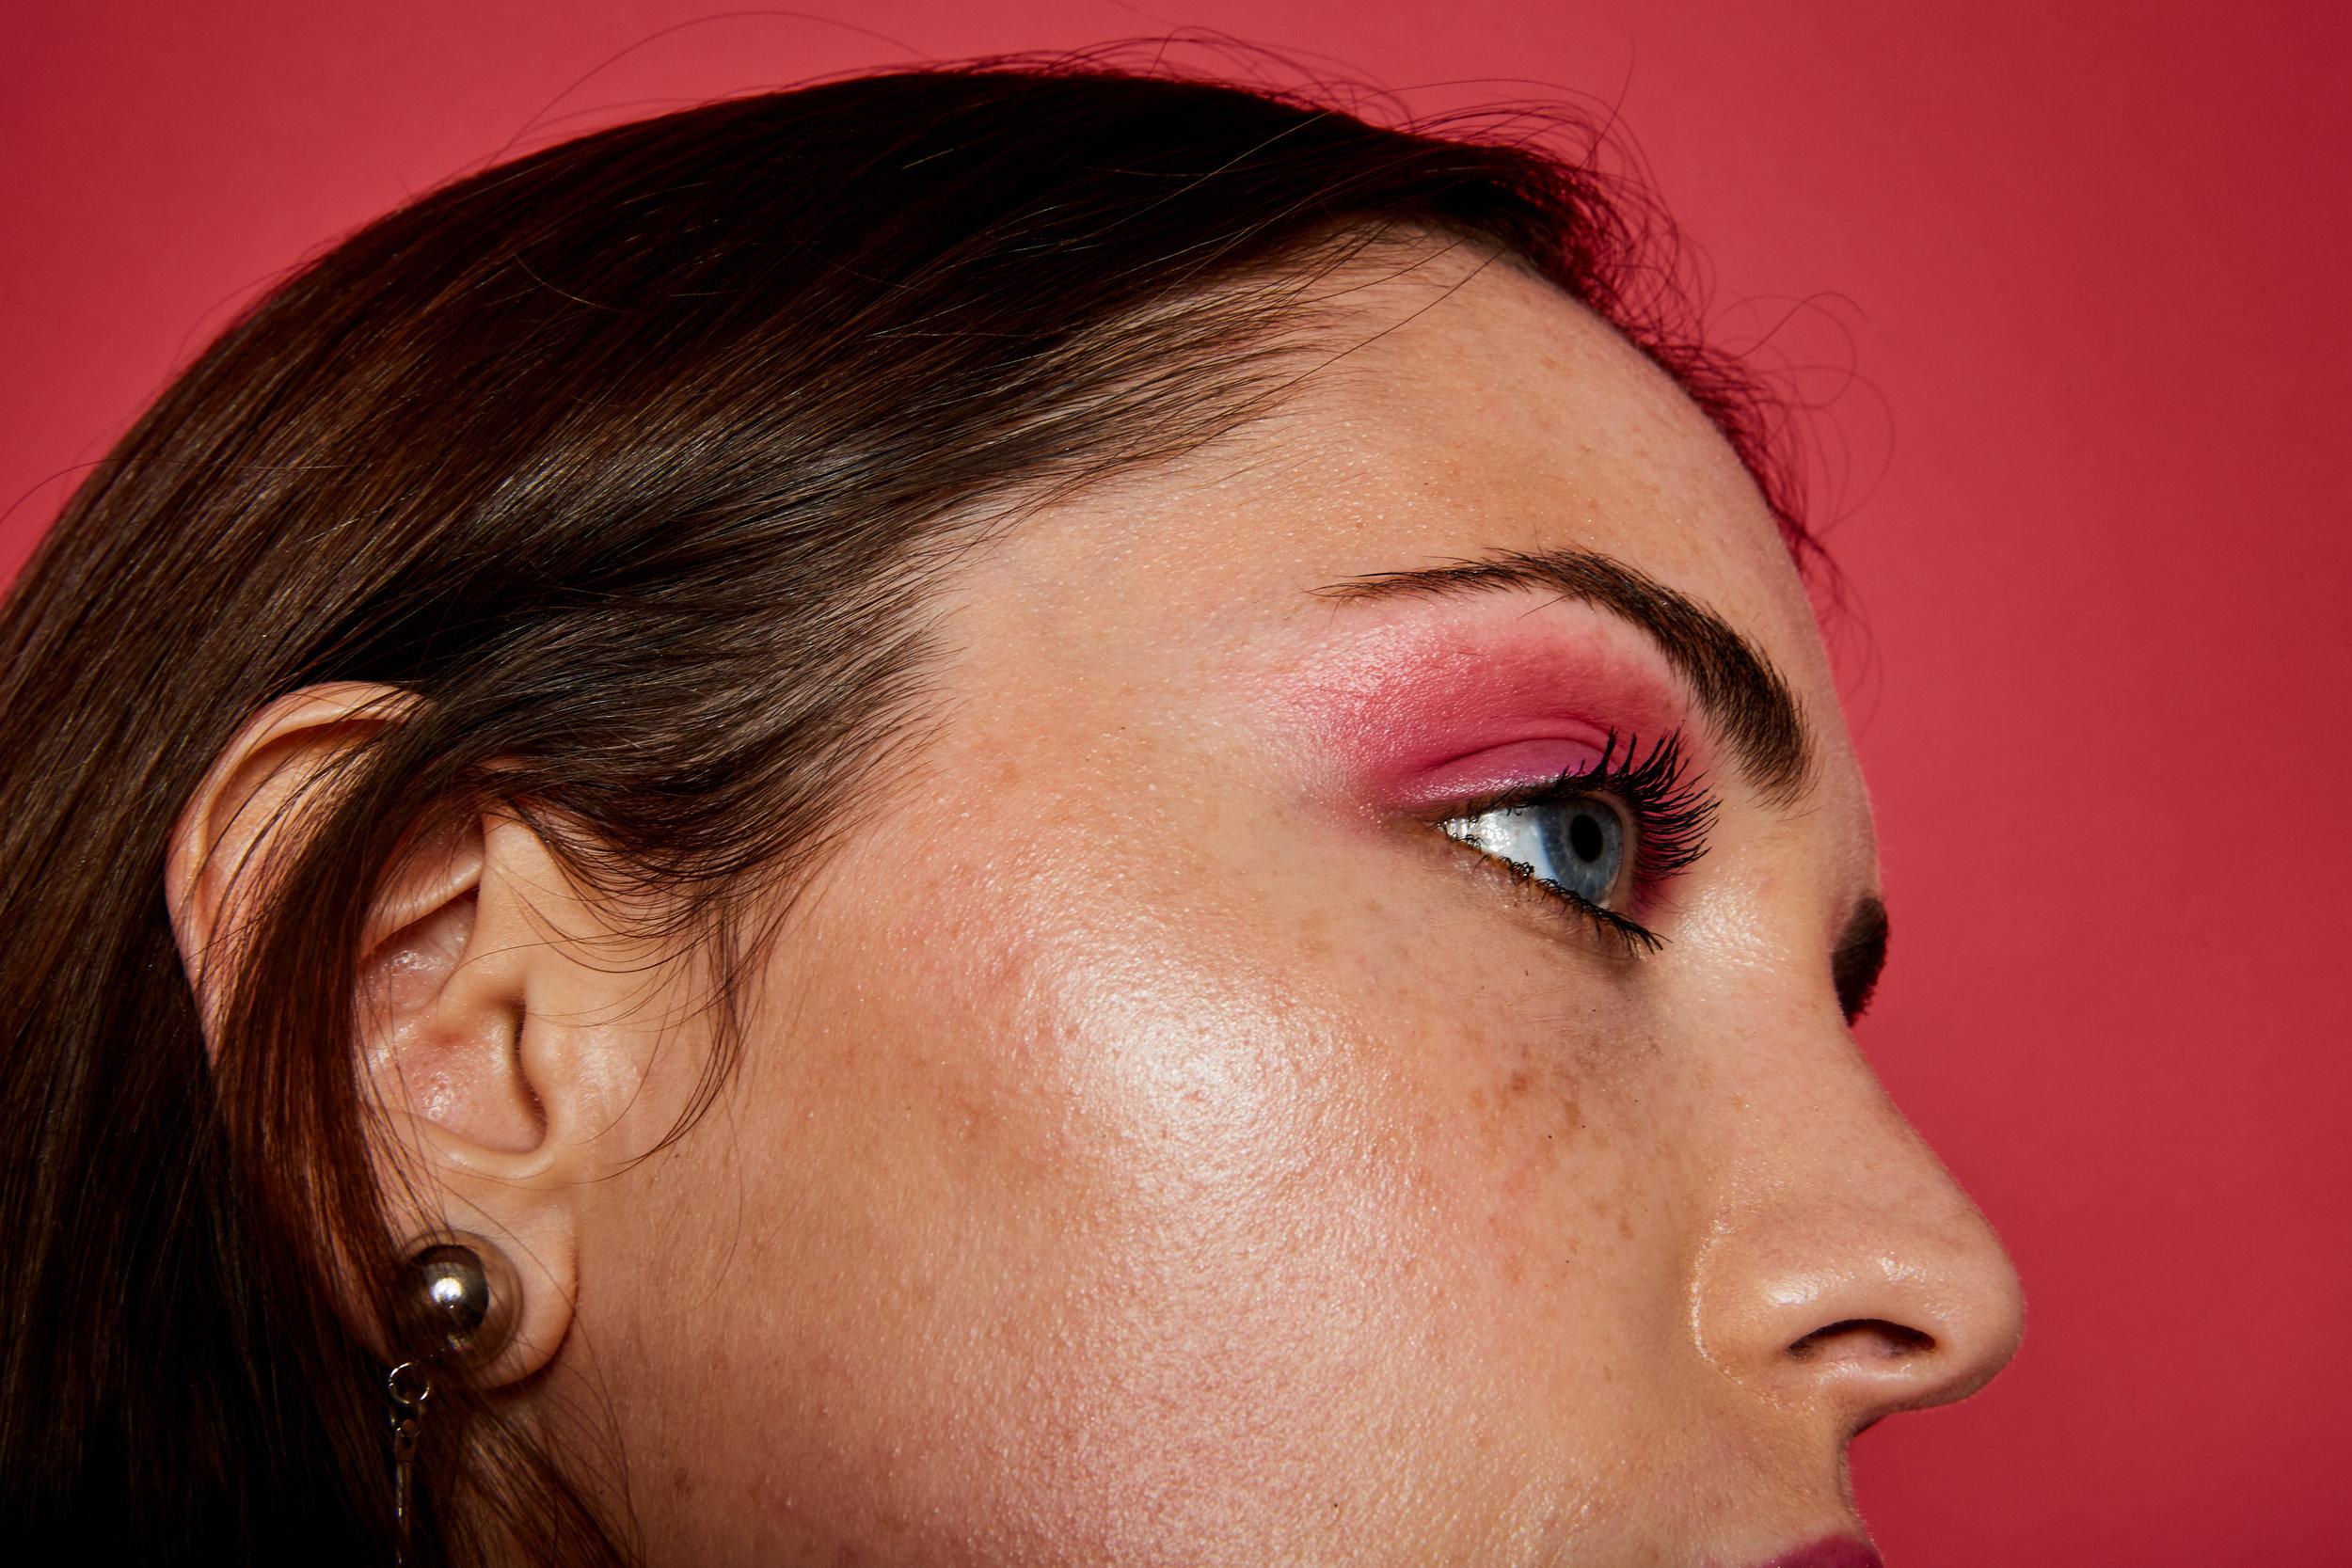 anastasia subculture palette Glossier cloud paint Kat Von D iggy CoverFx Custom Enhancer Drops Surratt Beauty Lip Lustre NYX Vivid Brights Creme Color in Love Overdose Bite Beauty Amuse Bouche